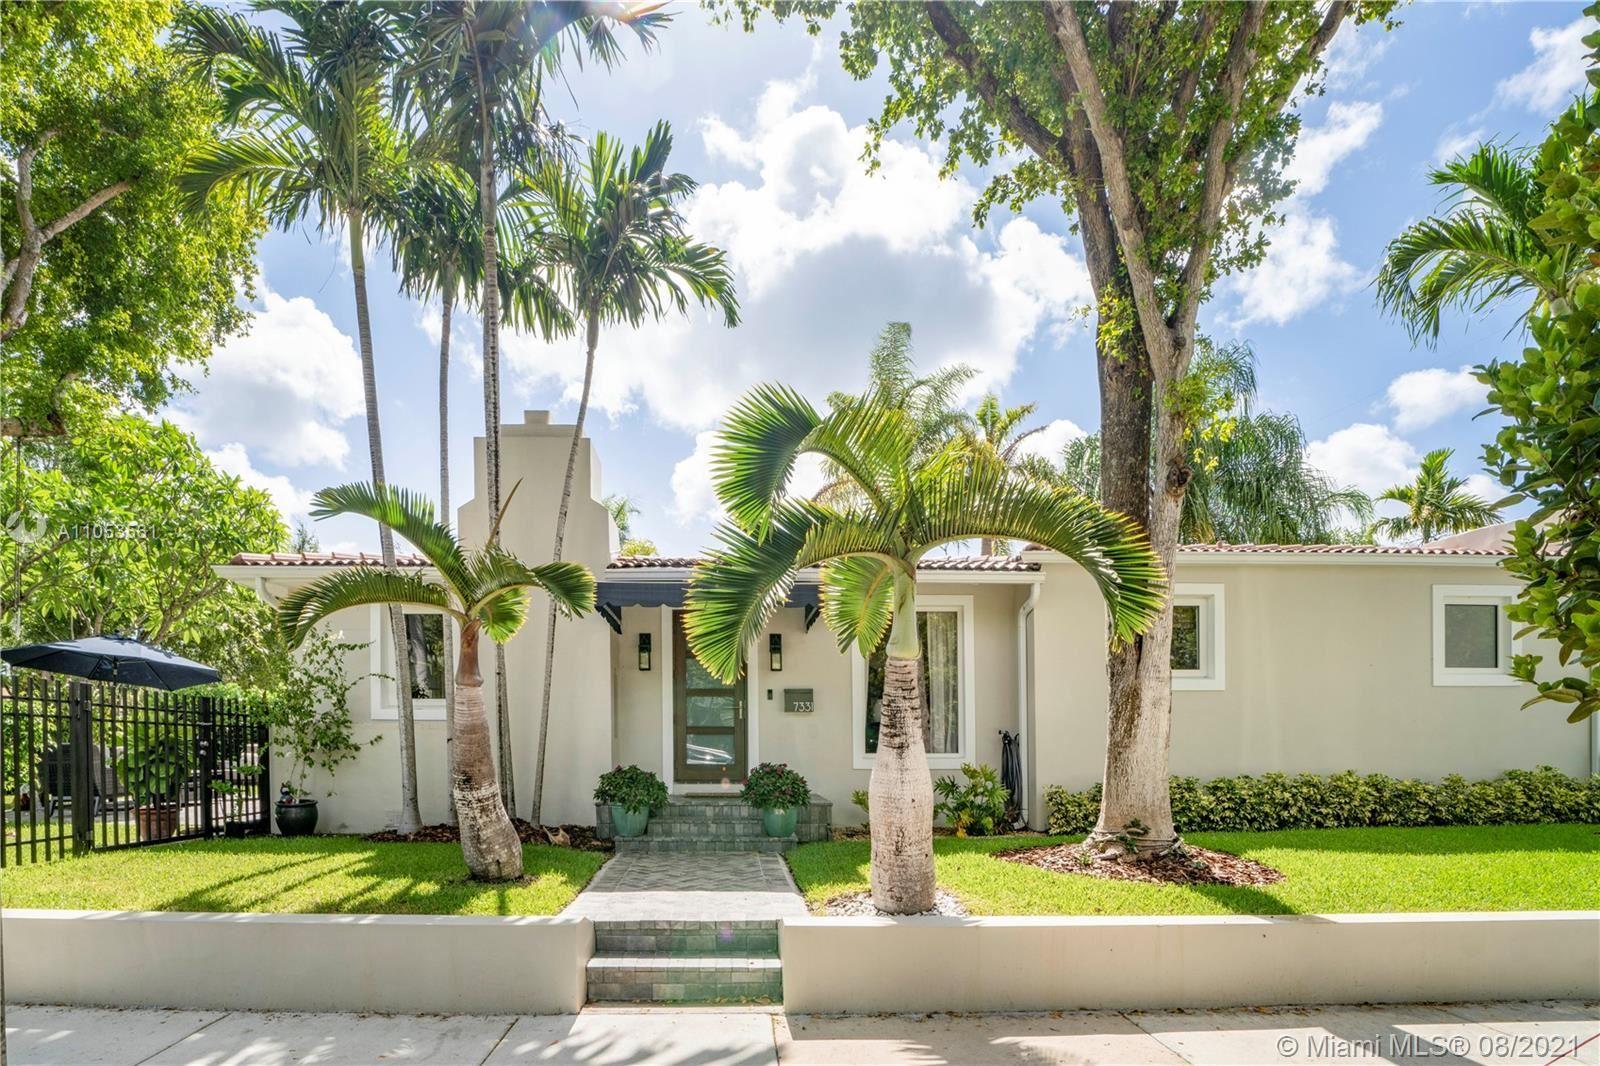 7331 NE 7th Avenue, Miami, FL 33138 - #: A11053561